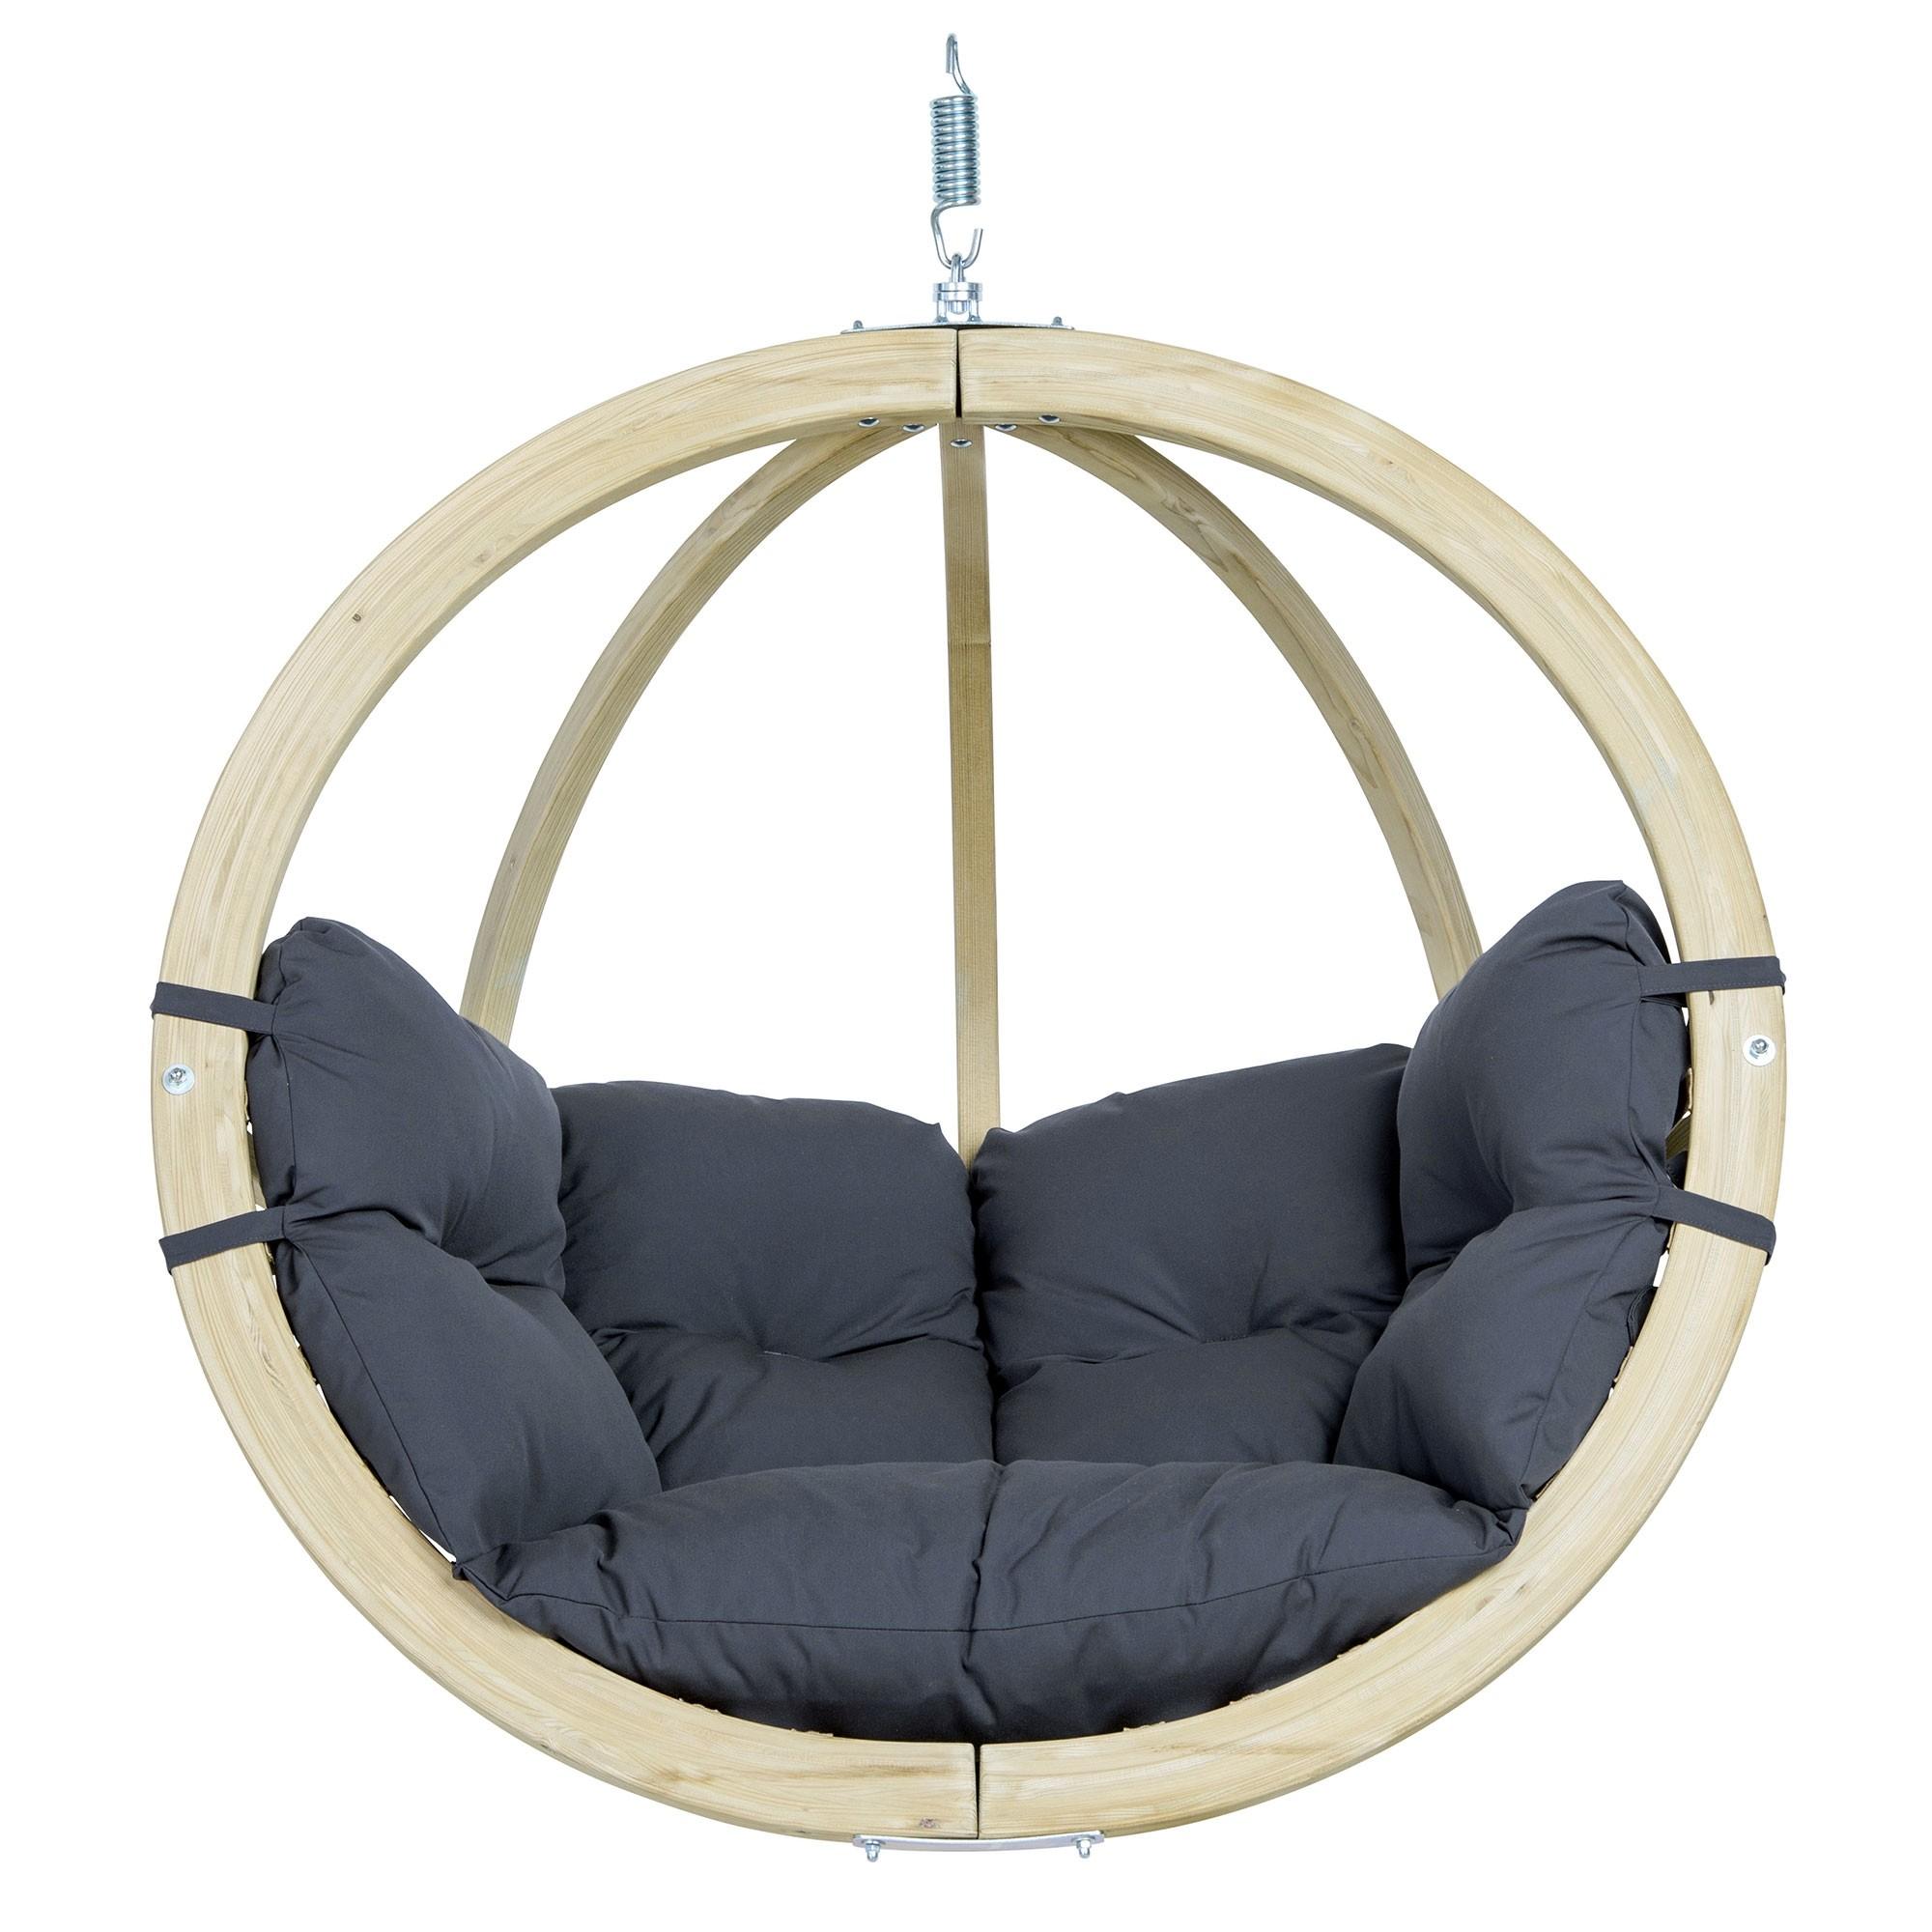 Full Size of Hängesessel Kinderzimmer Amazonas Hngesessel Globo Chair In Anthrazit Und Wetterfest Regal Weiß Regale Garten Sofa Kinderzimmer Hängesessel Kinderzimmer